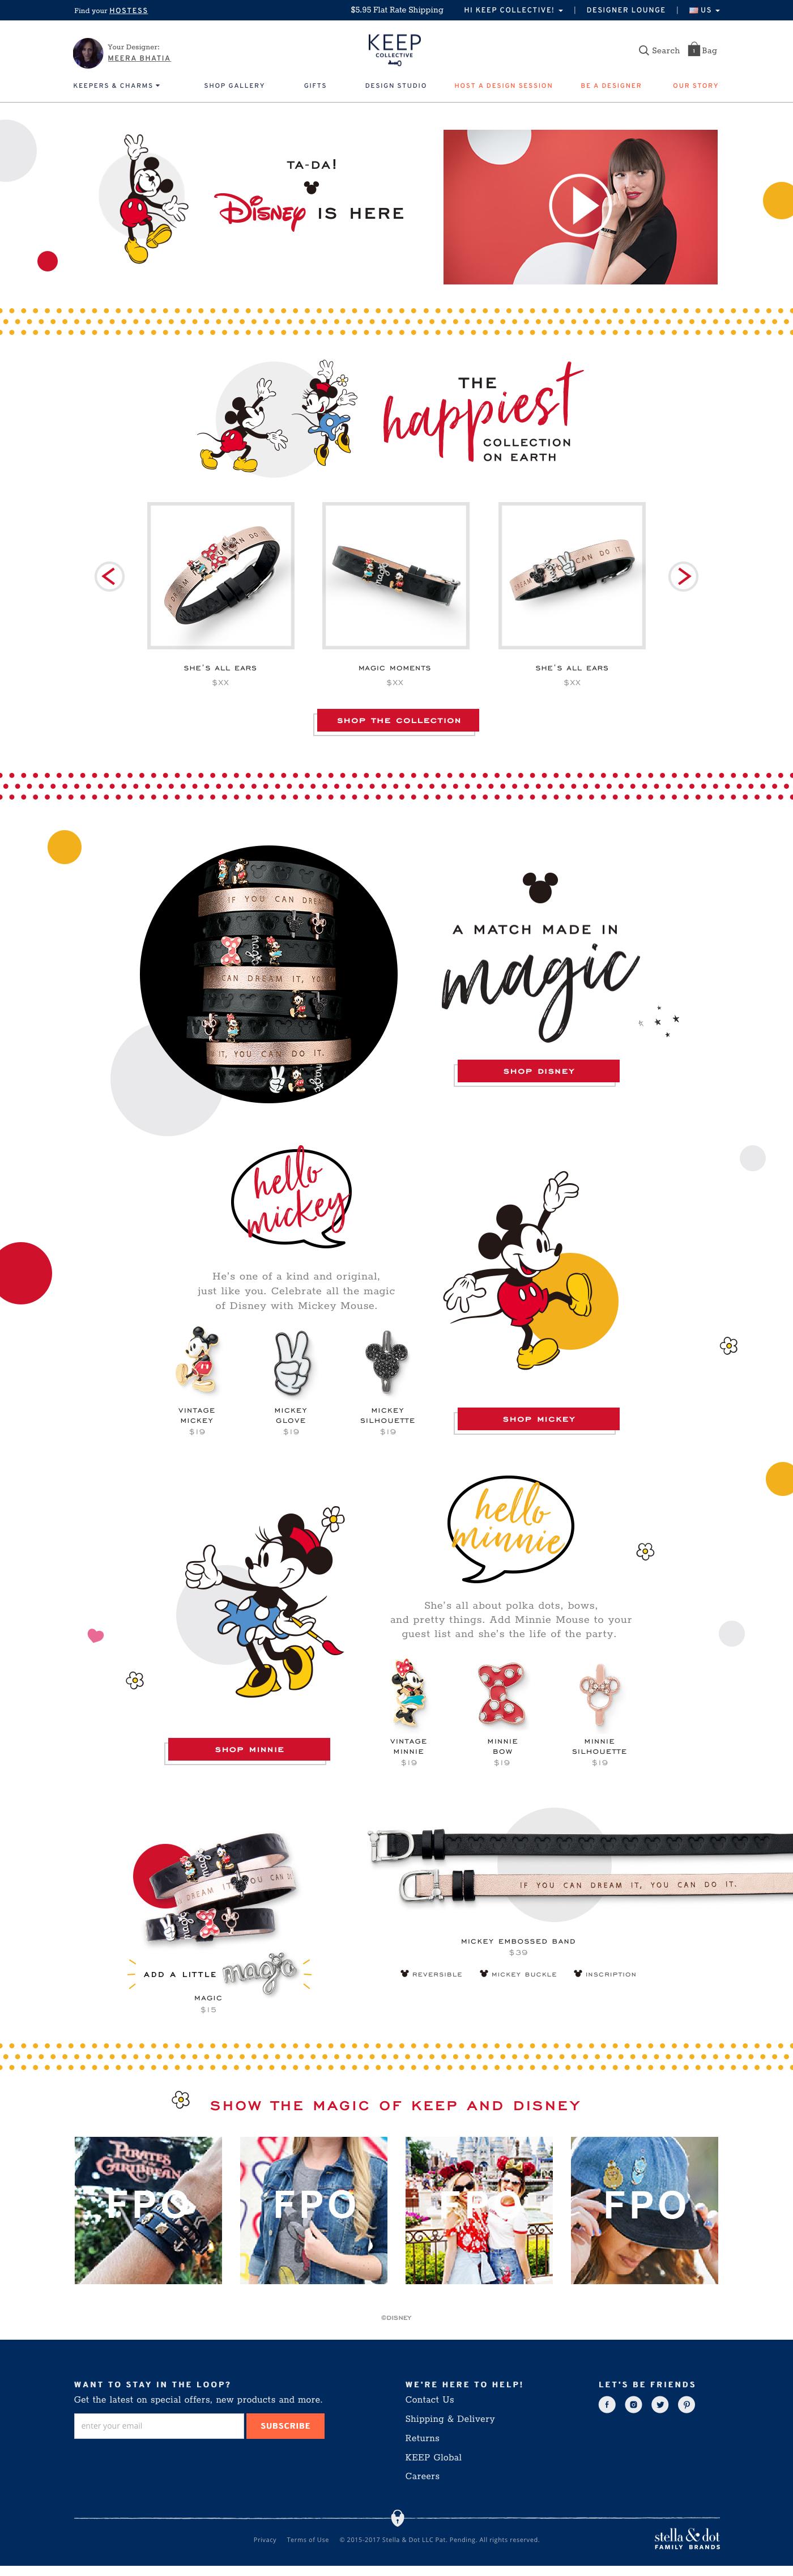 KEEP Disney Landing Page - Desktop.jpg